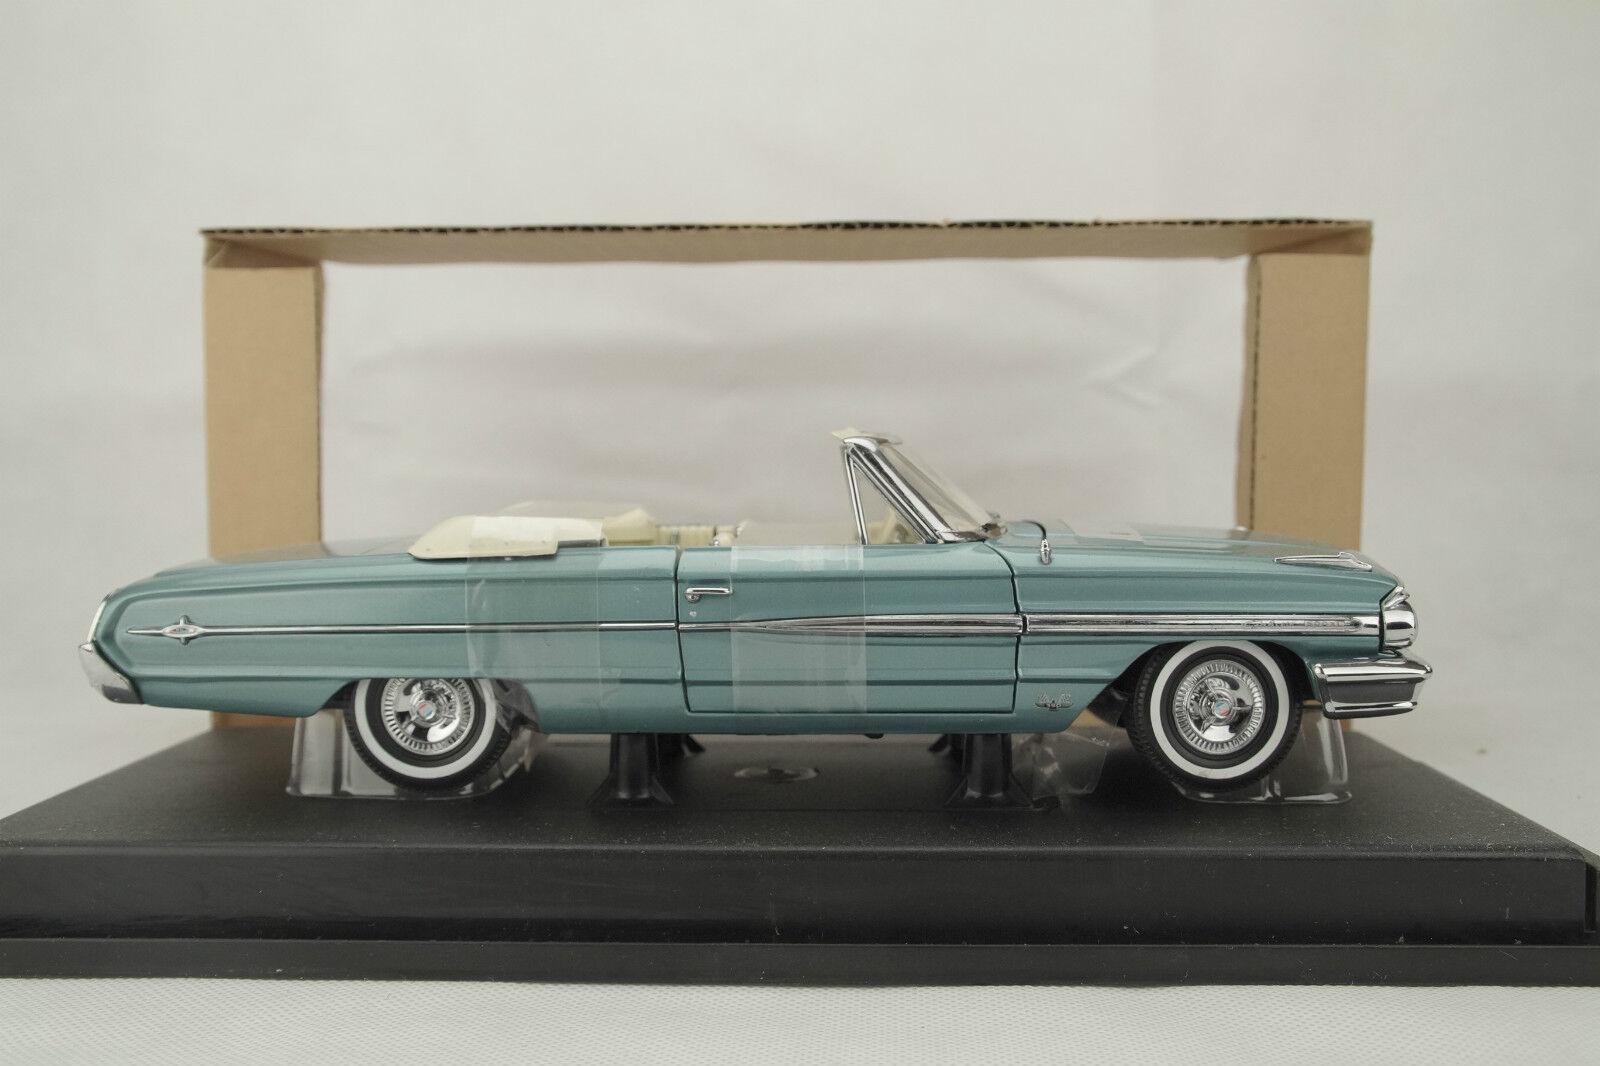 1 18 Fairfield Fairfield Fairfield Mint - 1964 Ford Galaxy - Rare - Nip 0e94d6